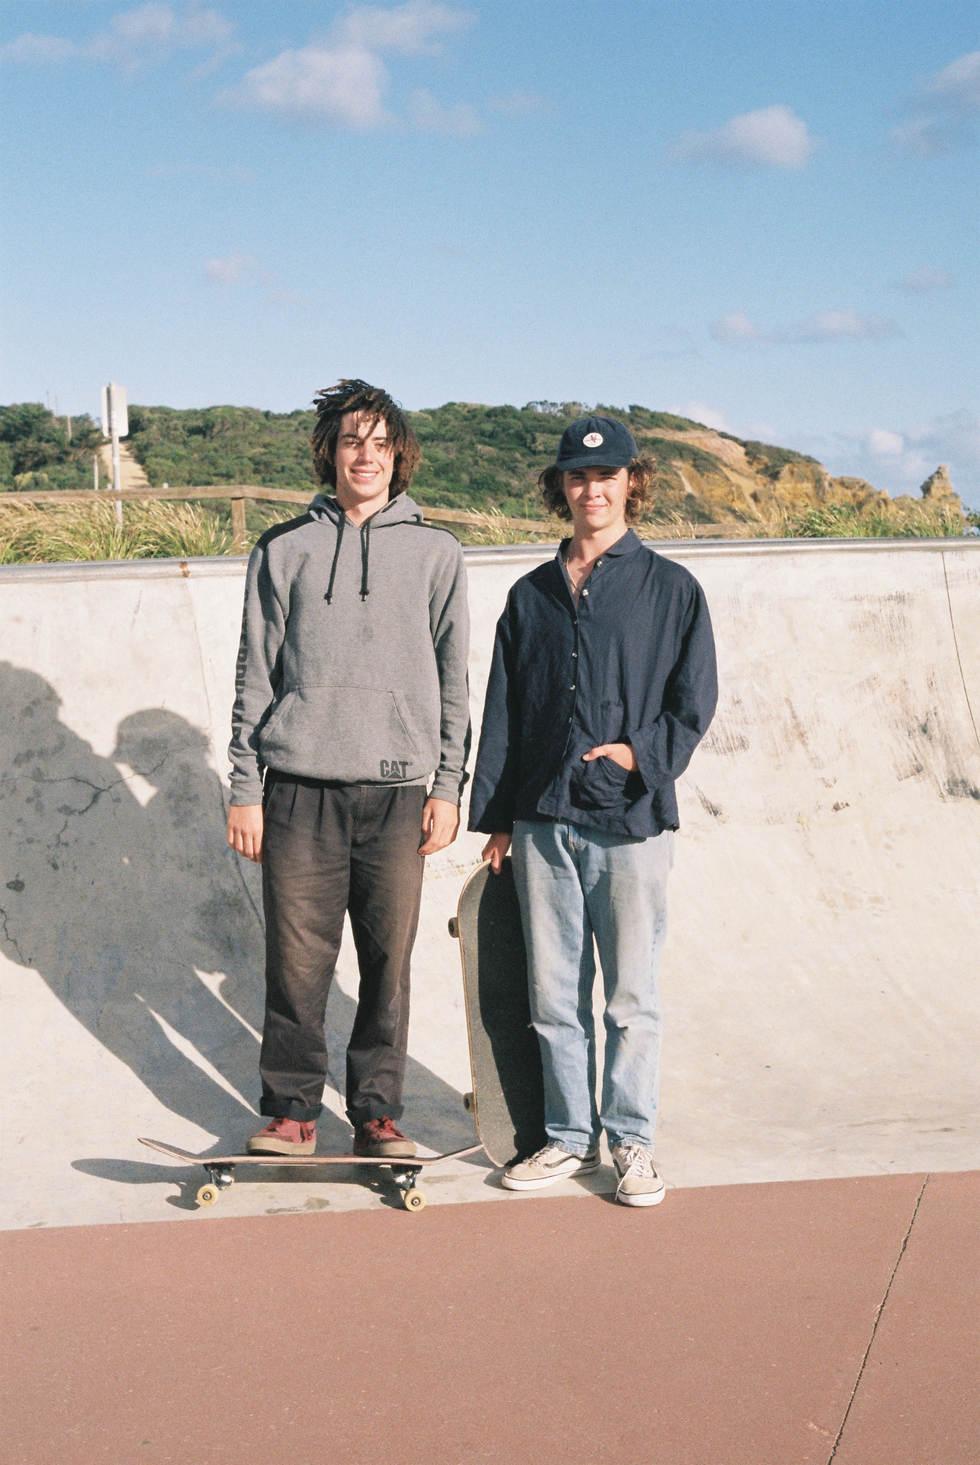 ruby ryan photo photograph photography skate skatepark 35mm